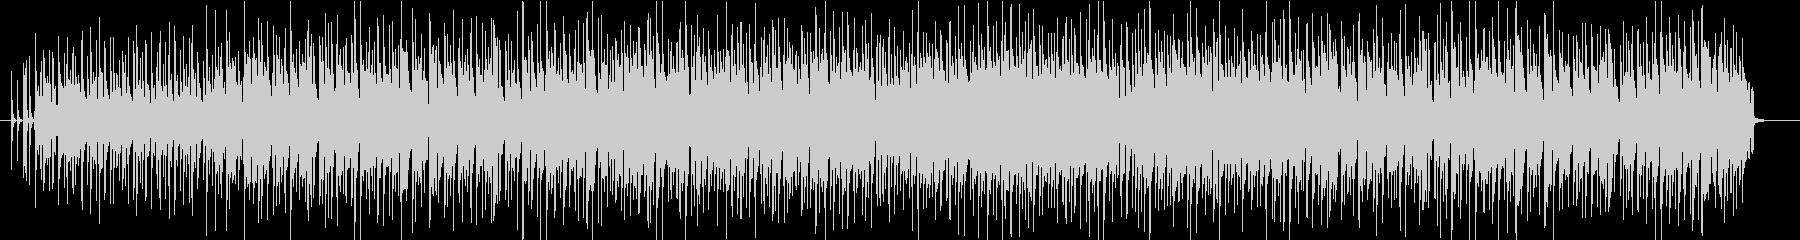 ウクレレ、リコーダーの可愛い楽曲です。の未再生の波形